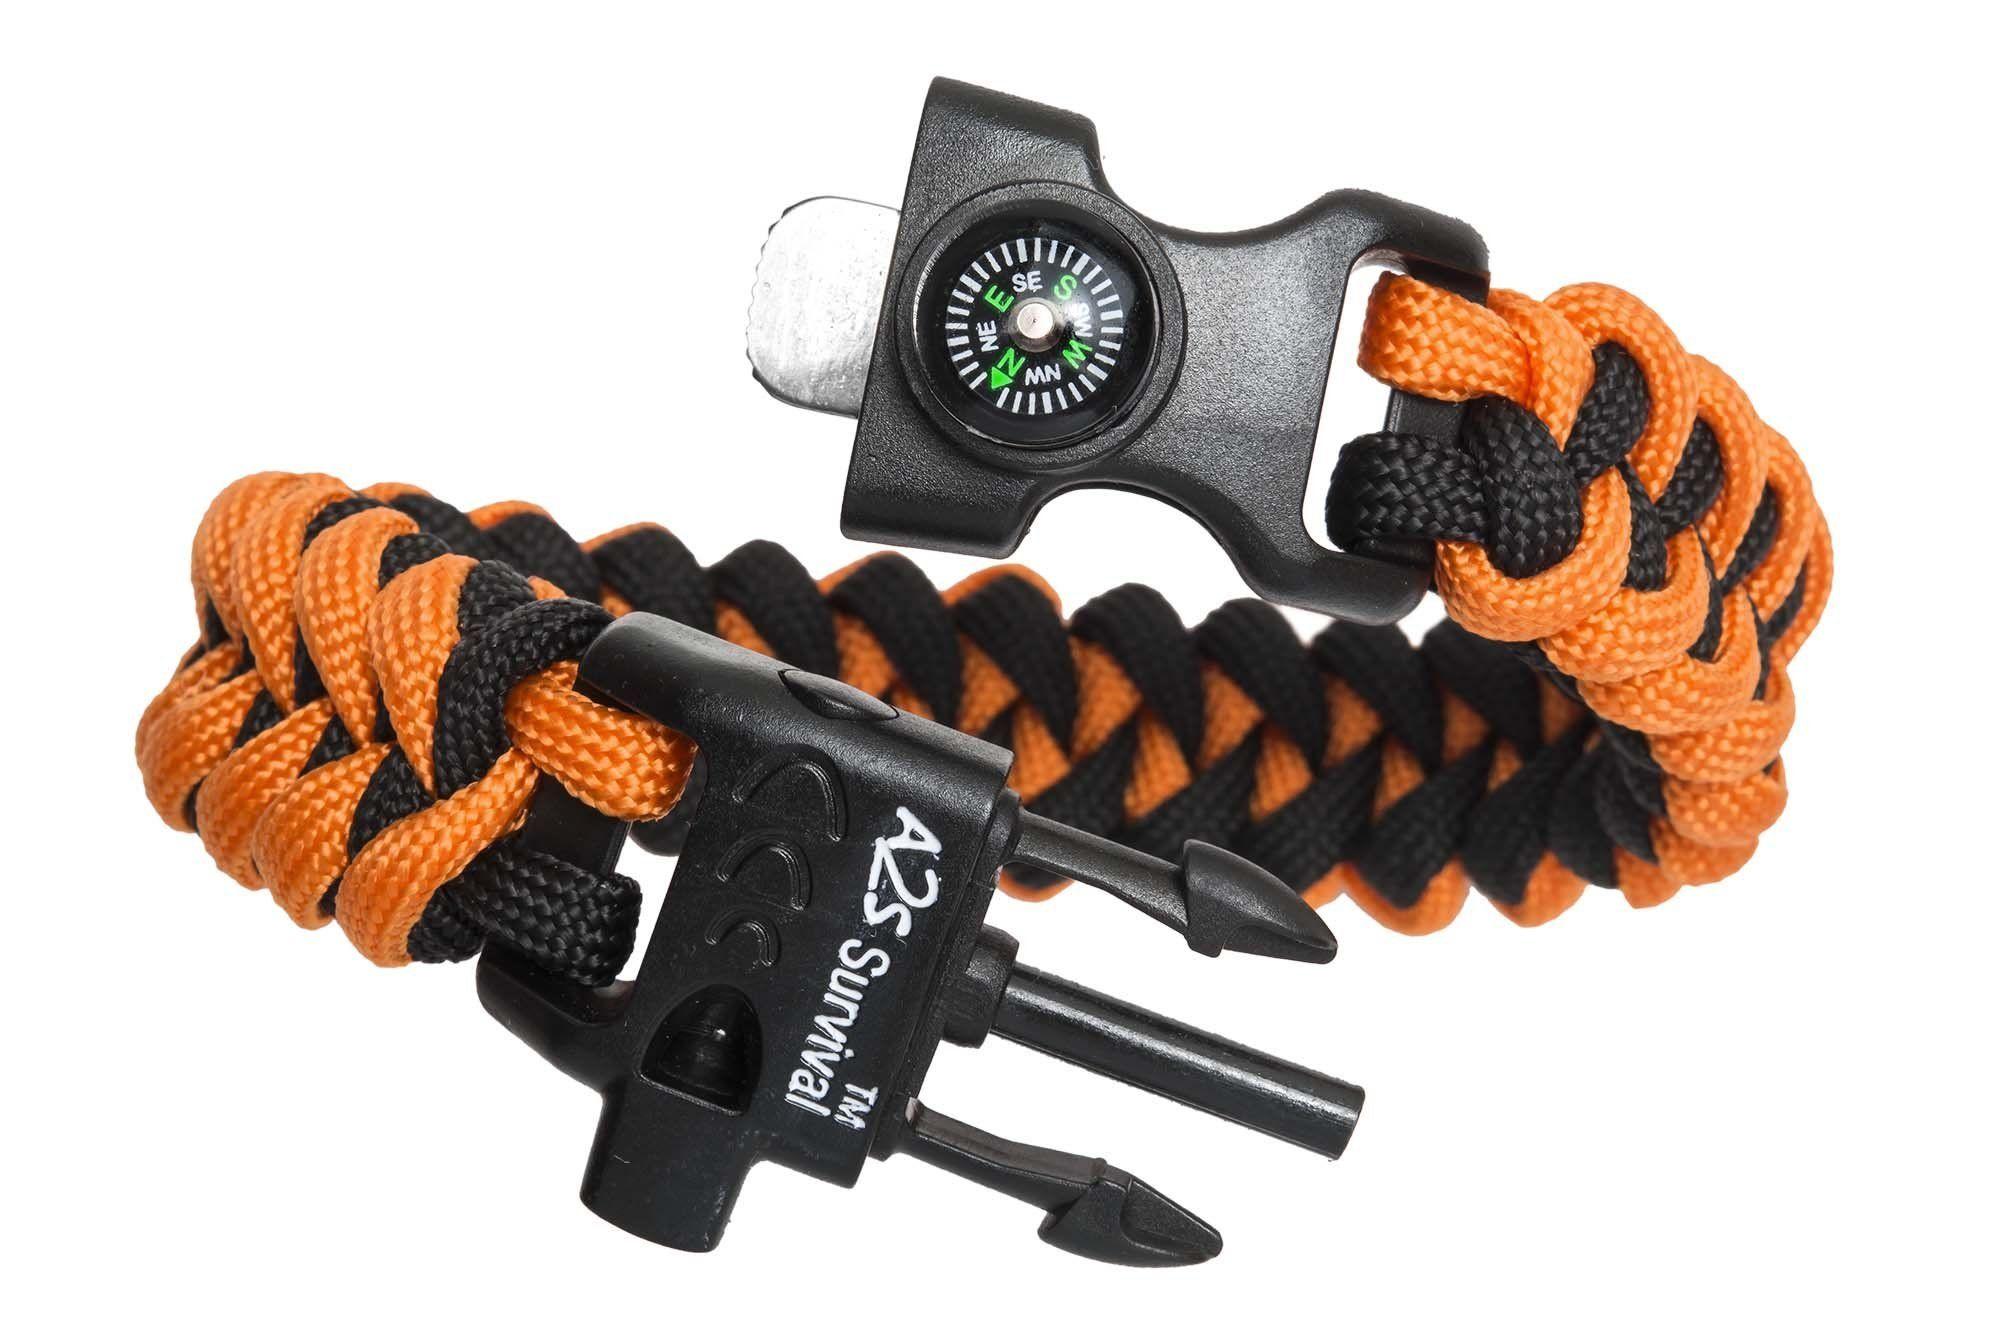 A2S Protection Paracord Bracelet K2Peak – Survival Gear